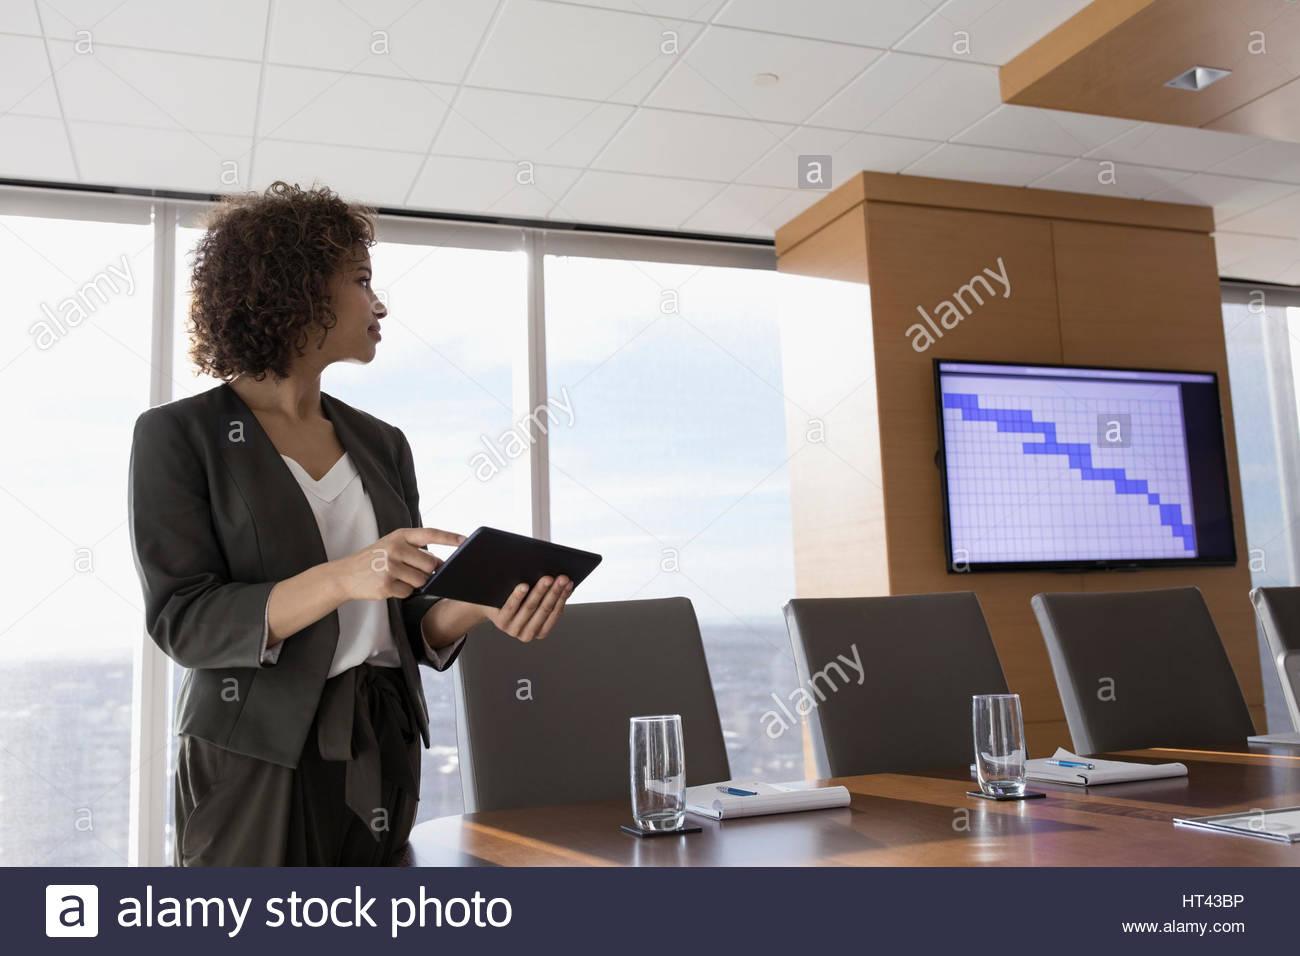 La empresaria con tableta digital preparación presentación audiovisual en la sala Imagen De Stock